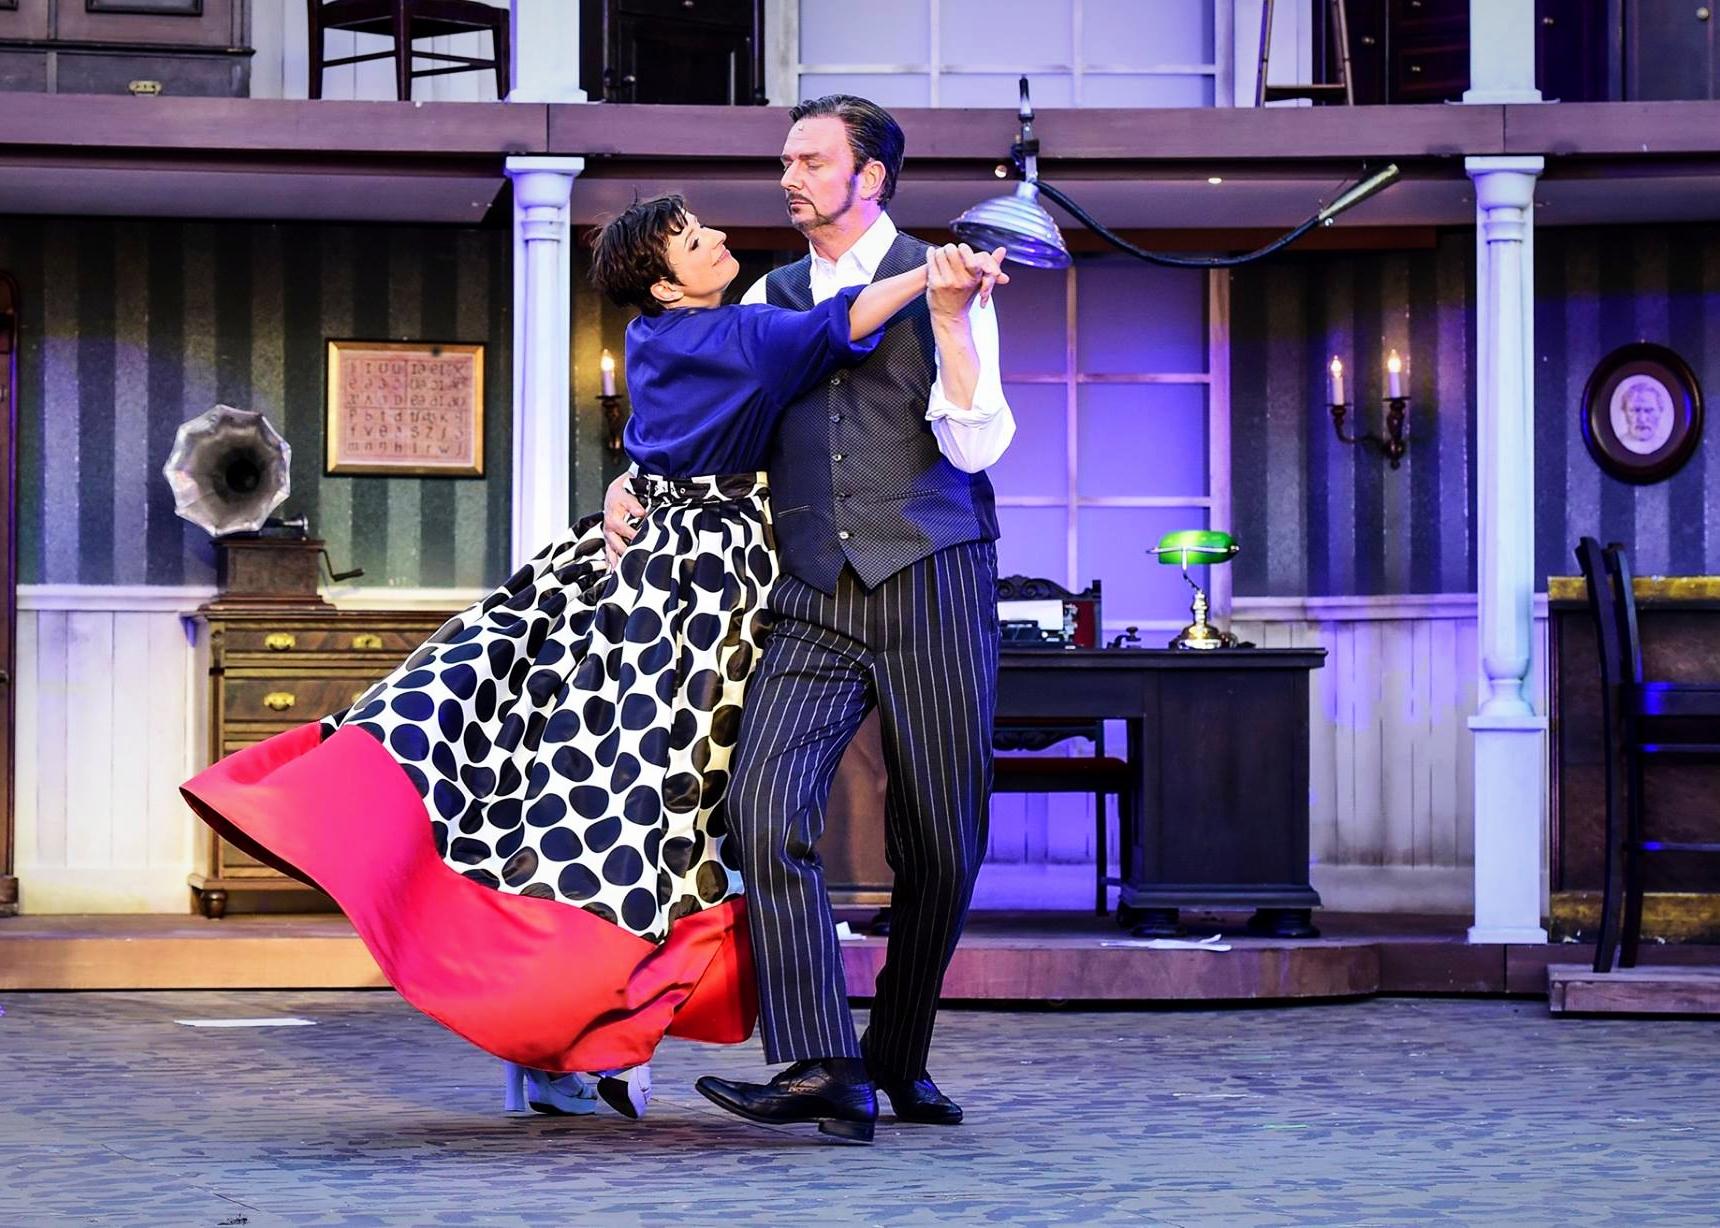 Eliza - My Fair Lady - 2016/17 Die Theater Chemnitz - Kostüm: Lukas Waßmann, Maske: Nadine Wagner, Bühnenbild: Sam Madwar